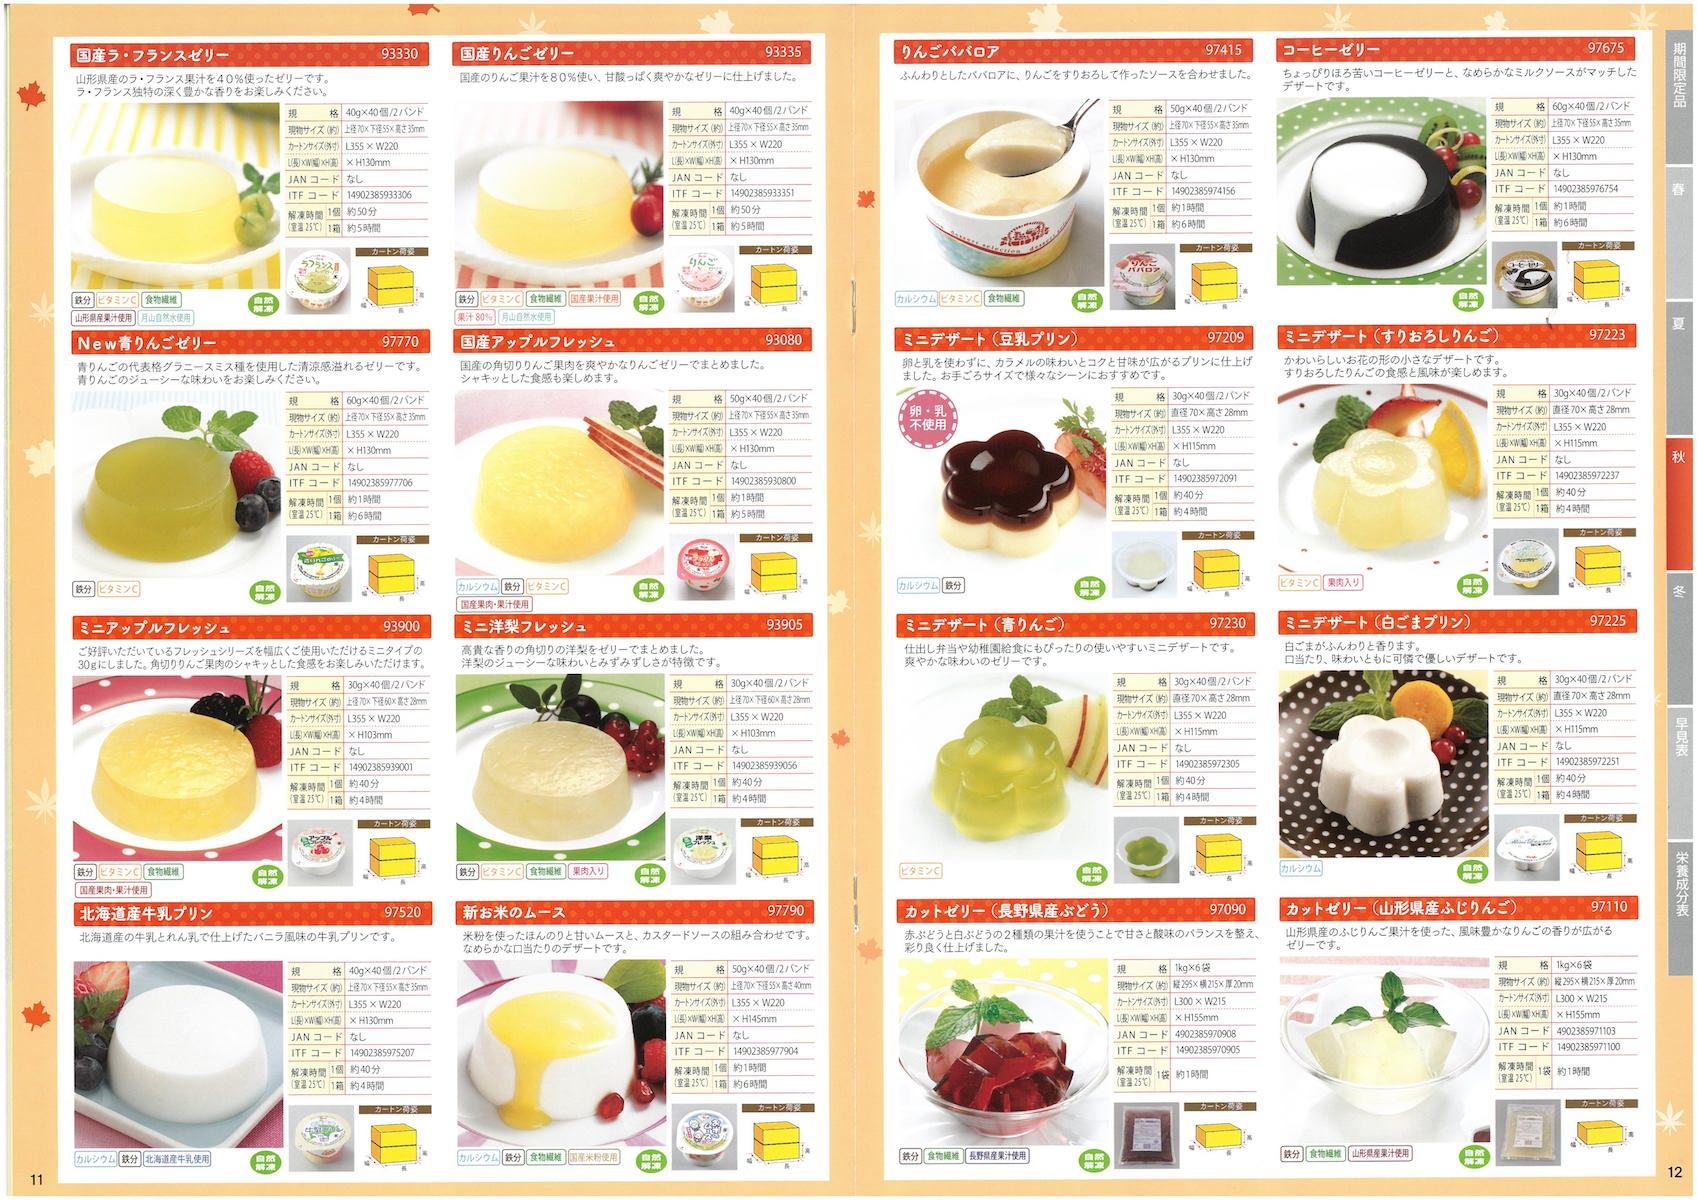 日東ベスト2018業務用デザート総合カタログ